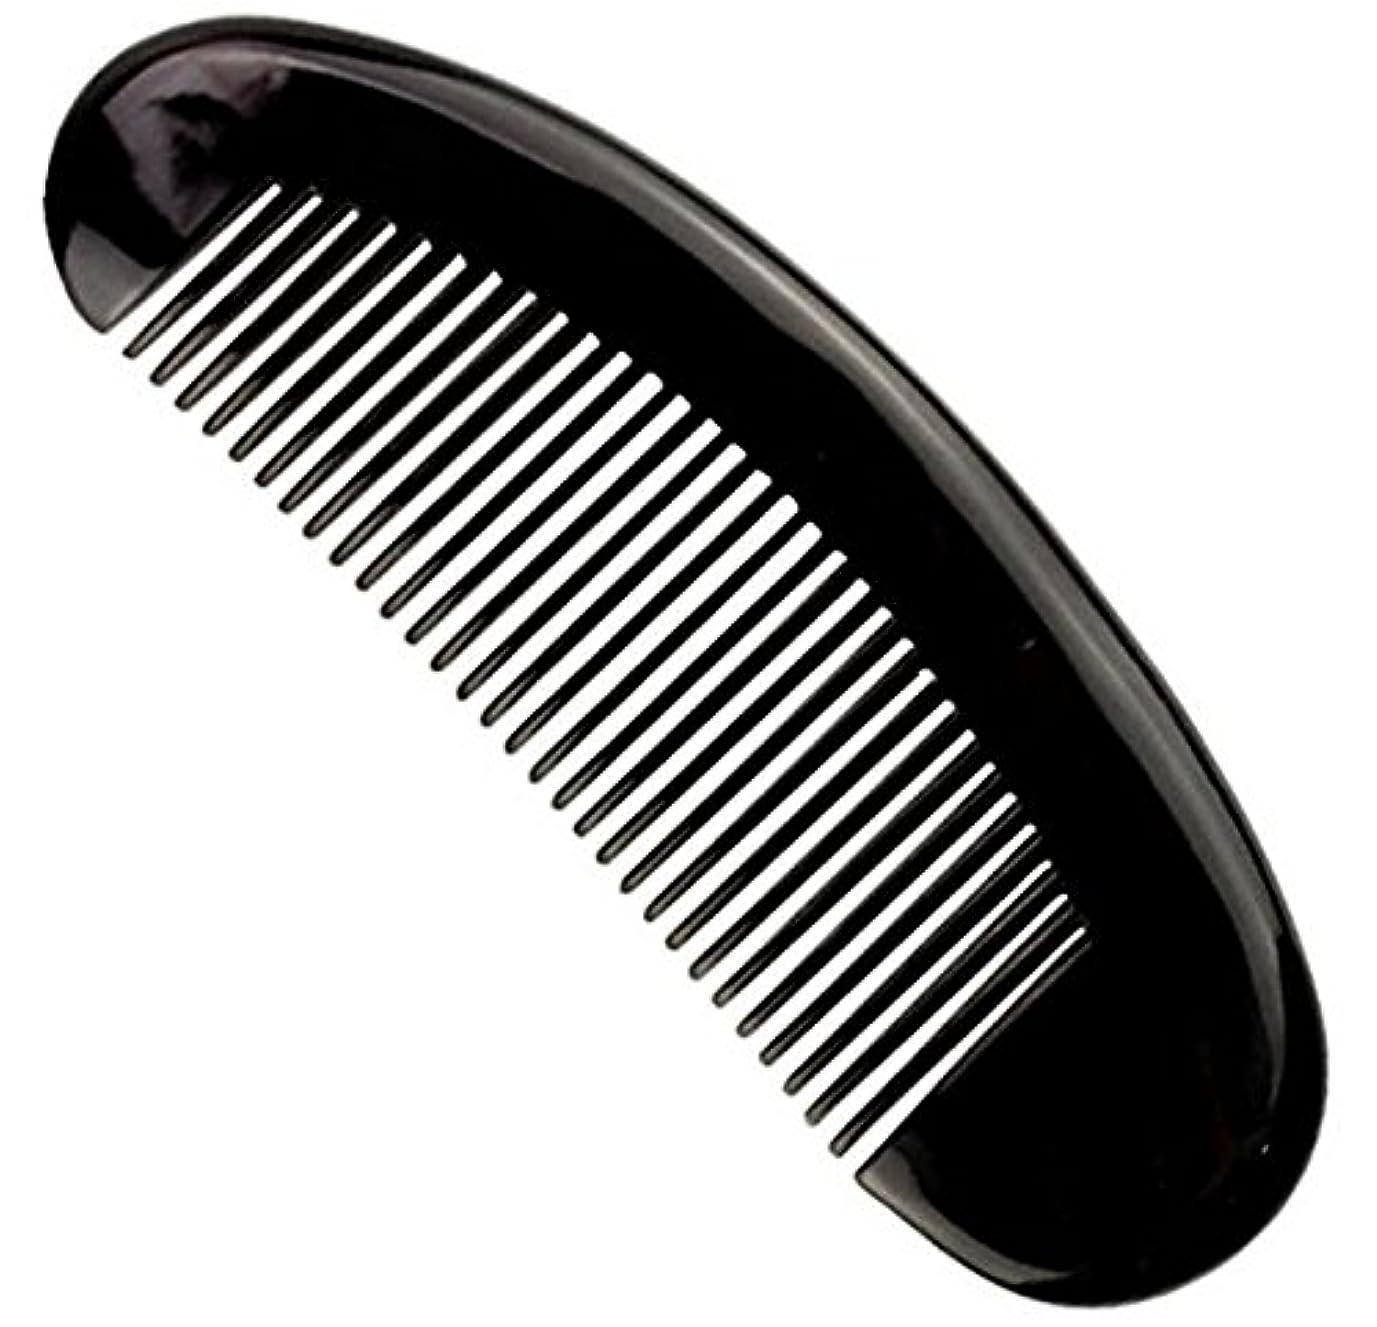 緊張するうん研究所櫛型 プロも使う牛角かっさプレー マサージ用 血行改善 高級 天然 静電気防止 美髪 美顔 ボディ リンパマッサージ